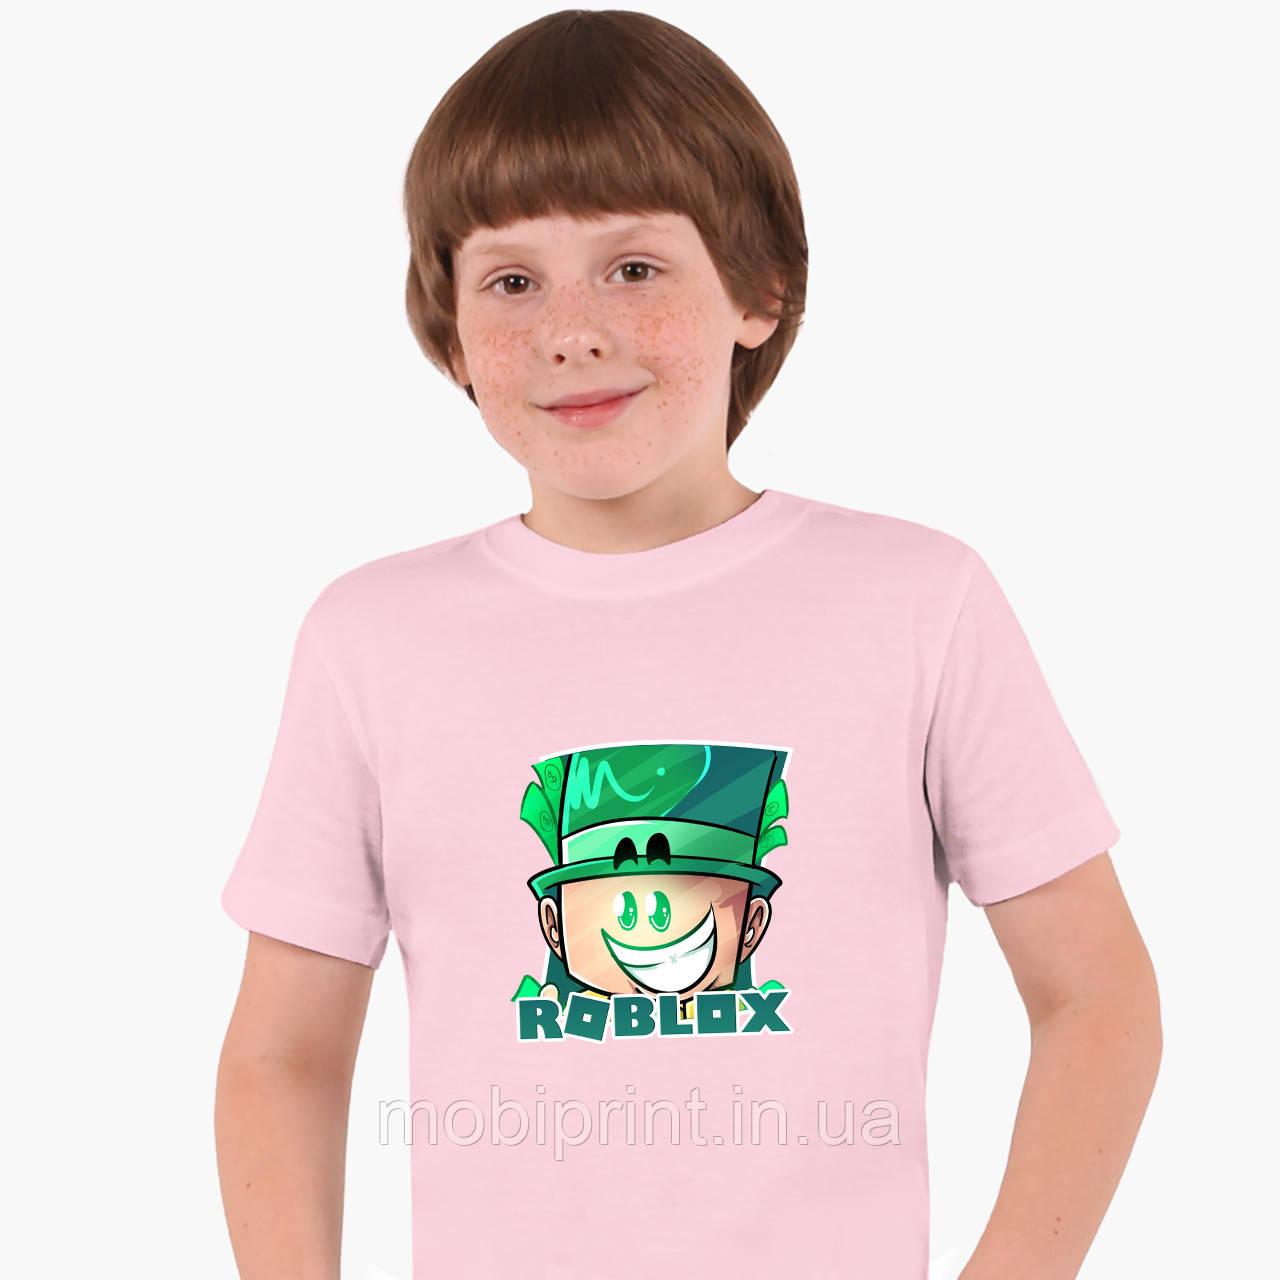 Детская футболка для мальчиков Роблокс (Roblox) (25186-1226) Розовый